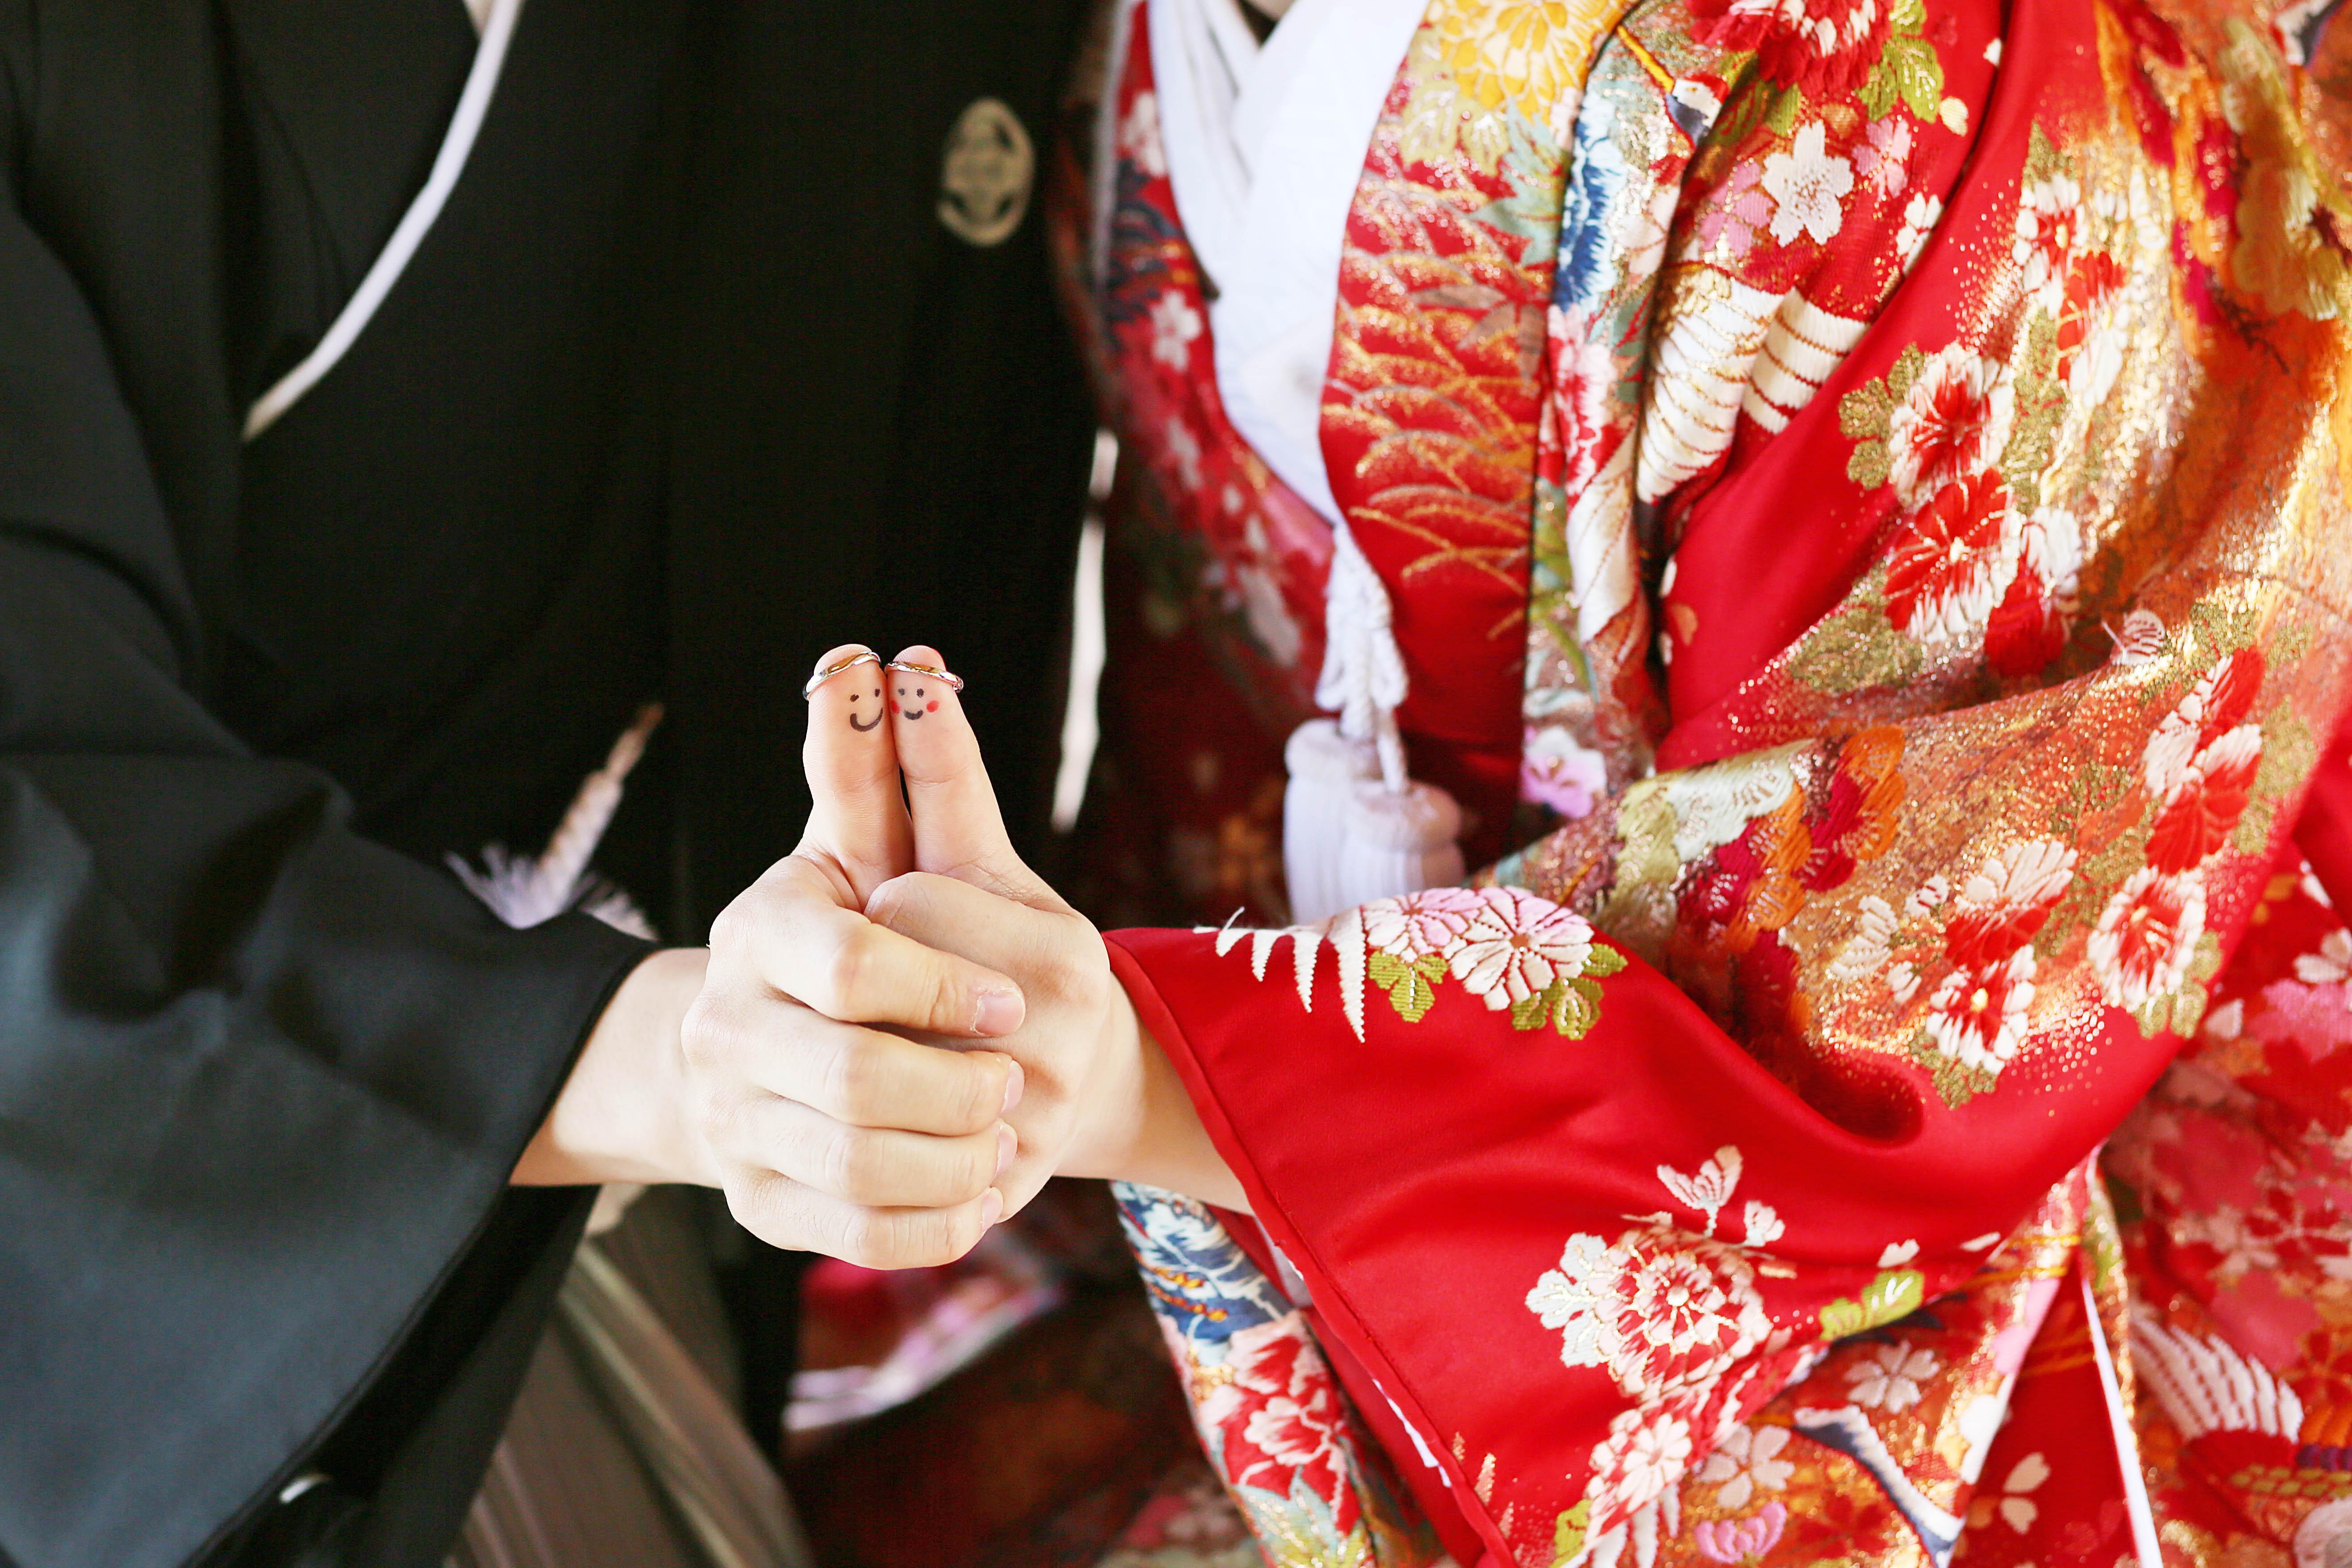 結婚指輪を使ってこんな可愛い写真も撮れちゃうんです♪滋賀ブライダルフォトワークス